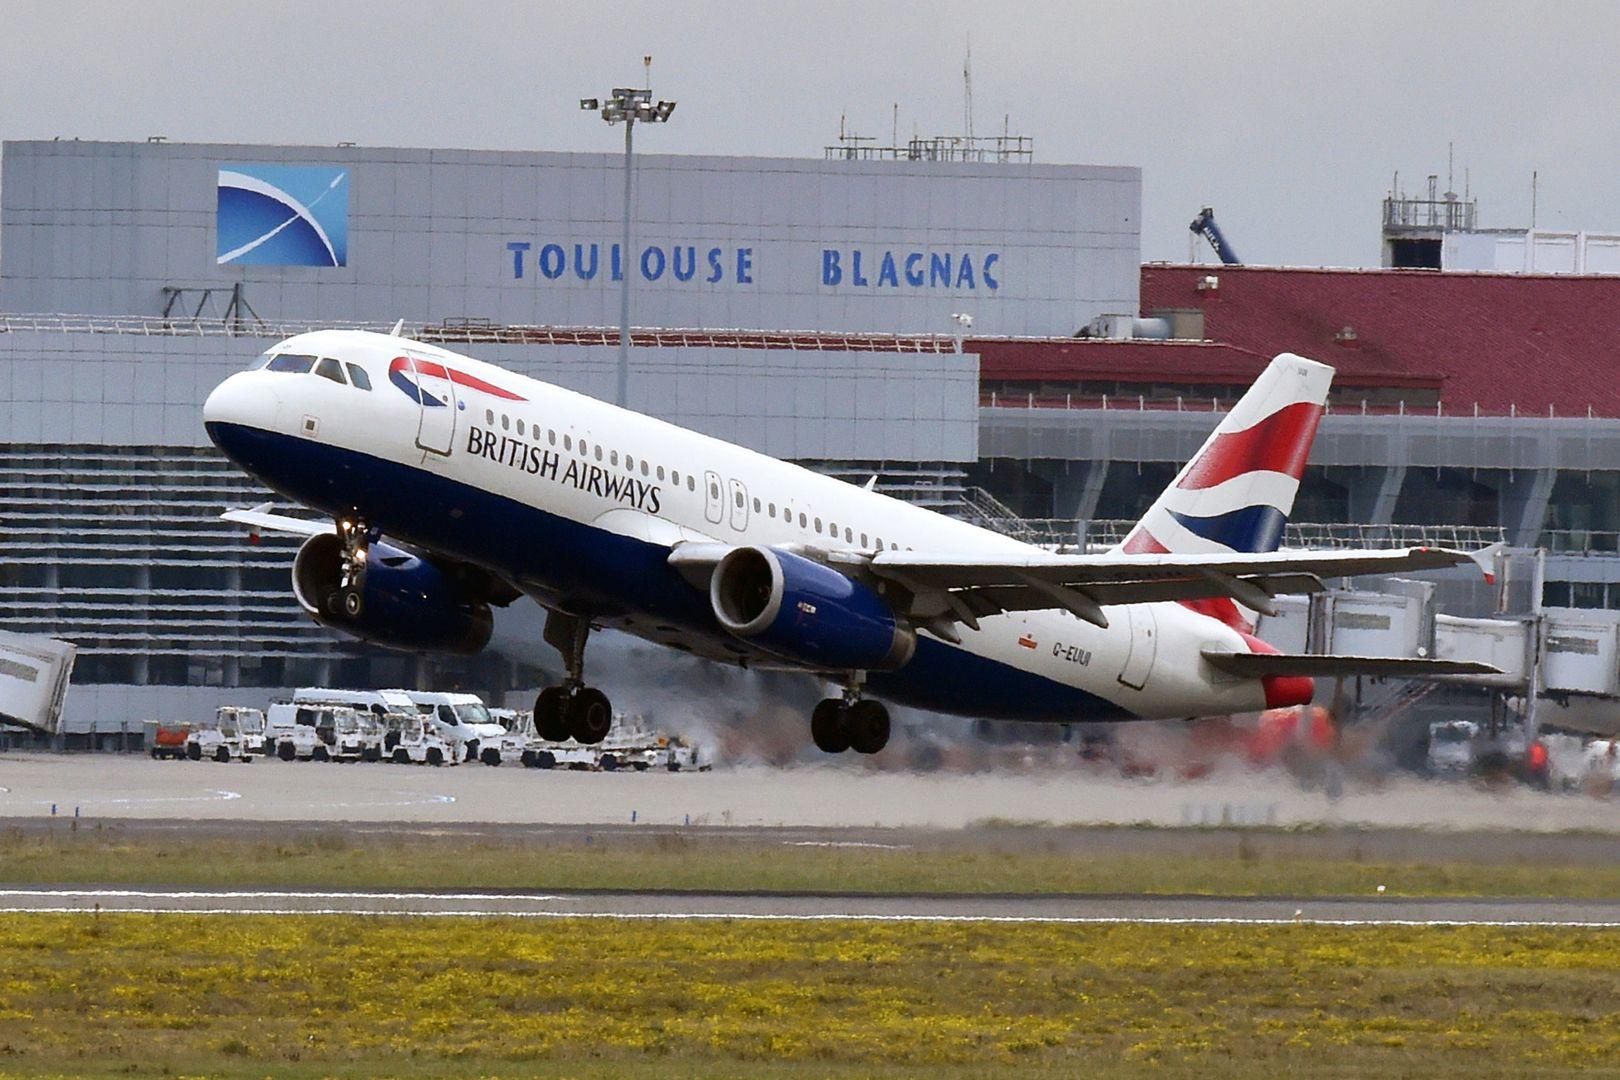 British-Airways-02-GQ-30Oct17_getty_b